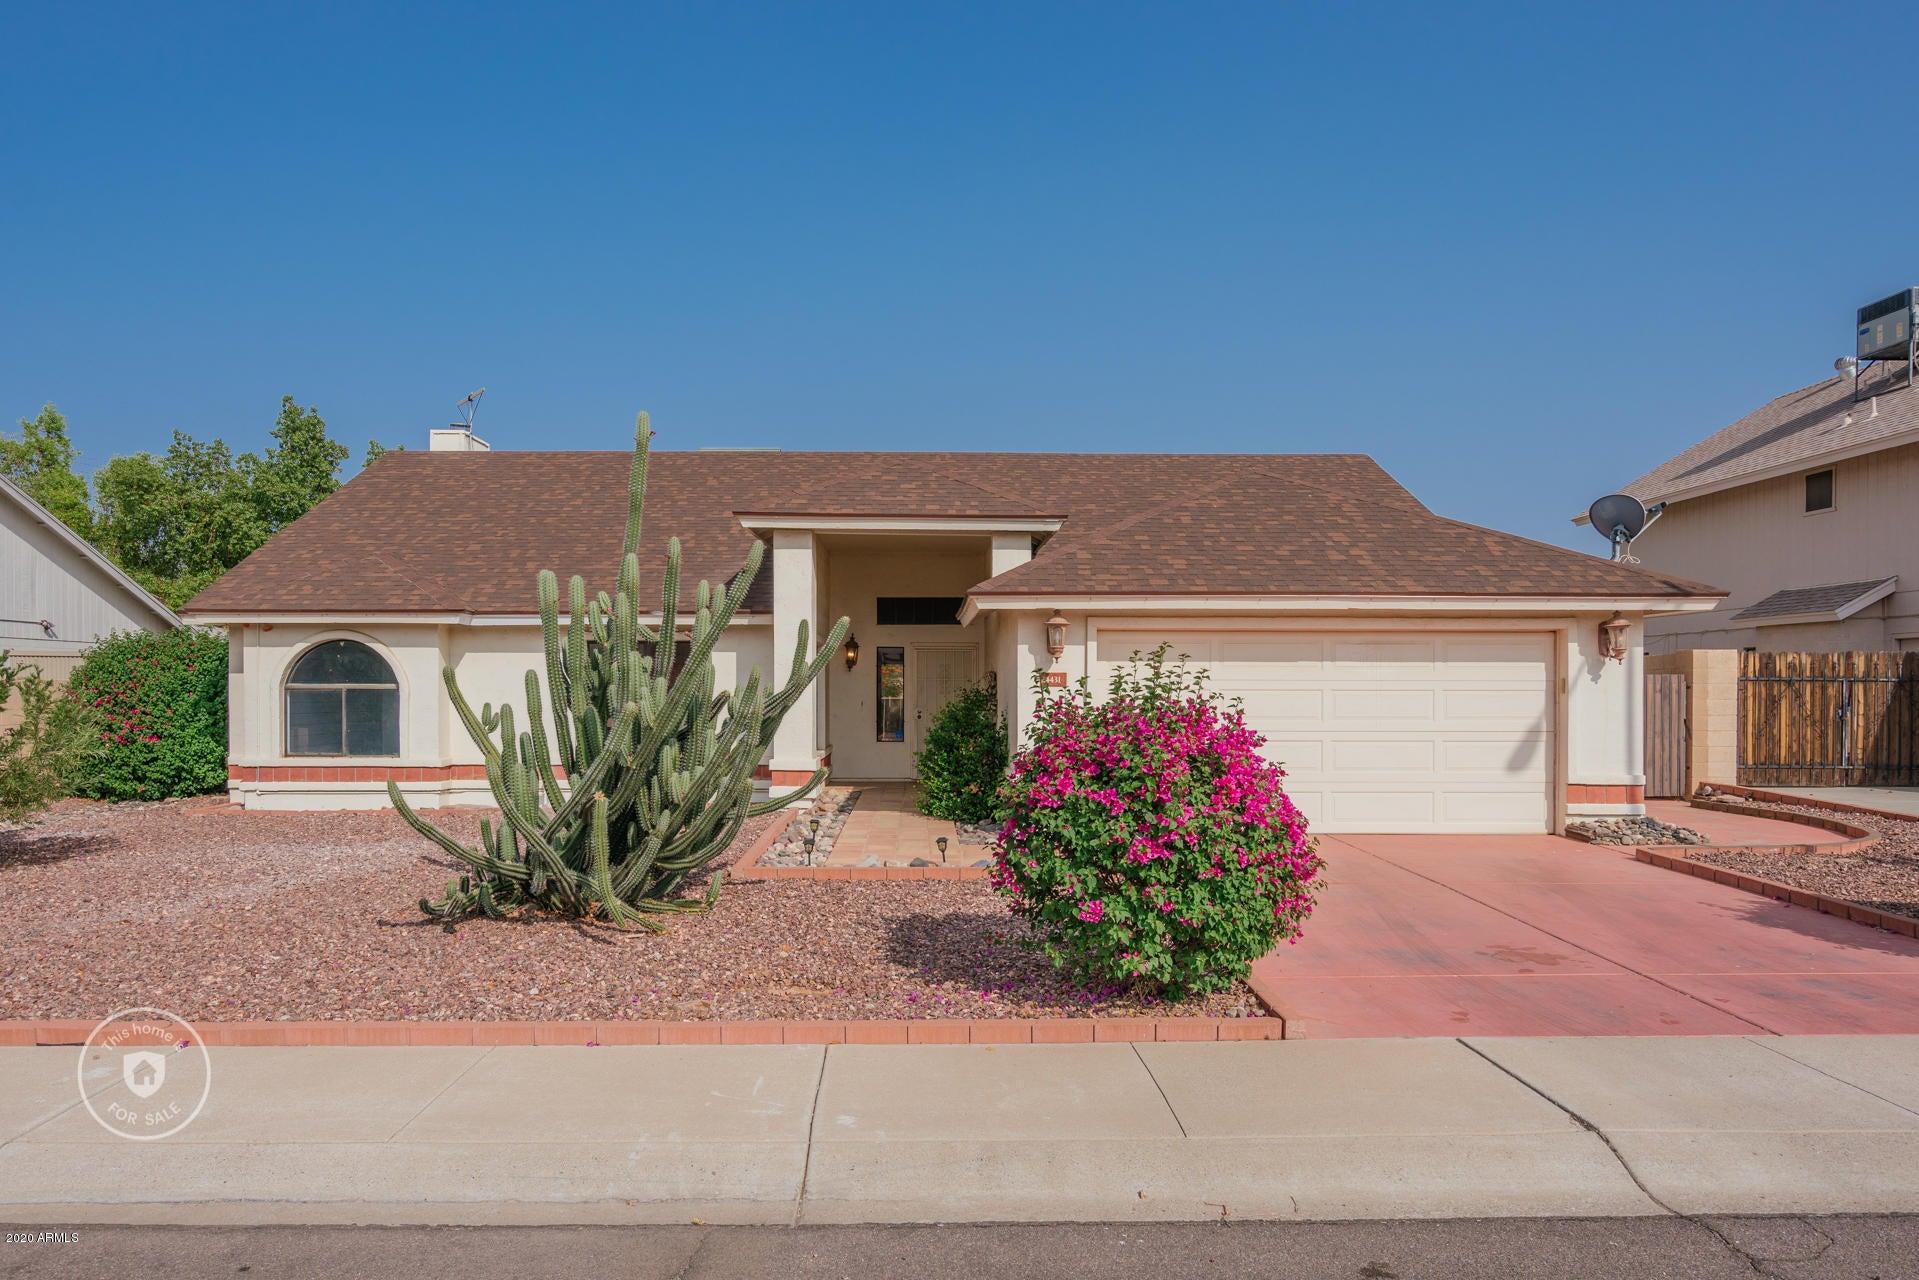 24431 N 41ST Avenue, Glendale, AZ 85310